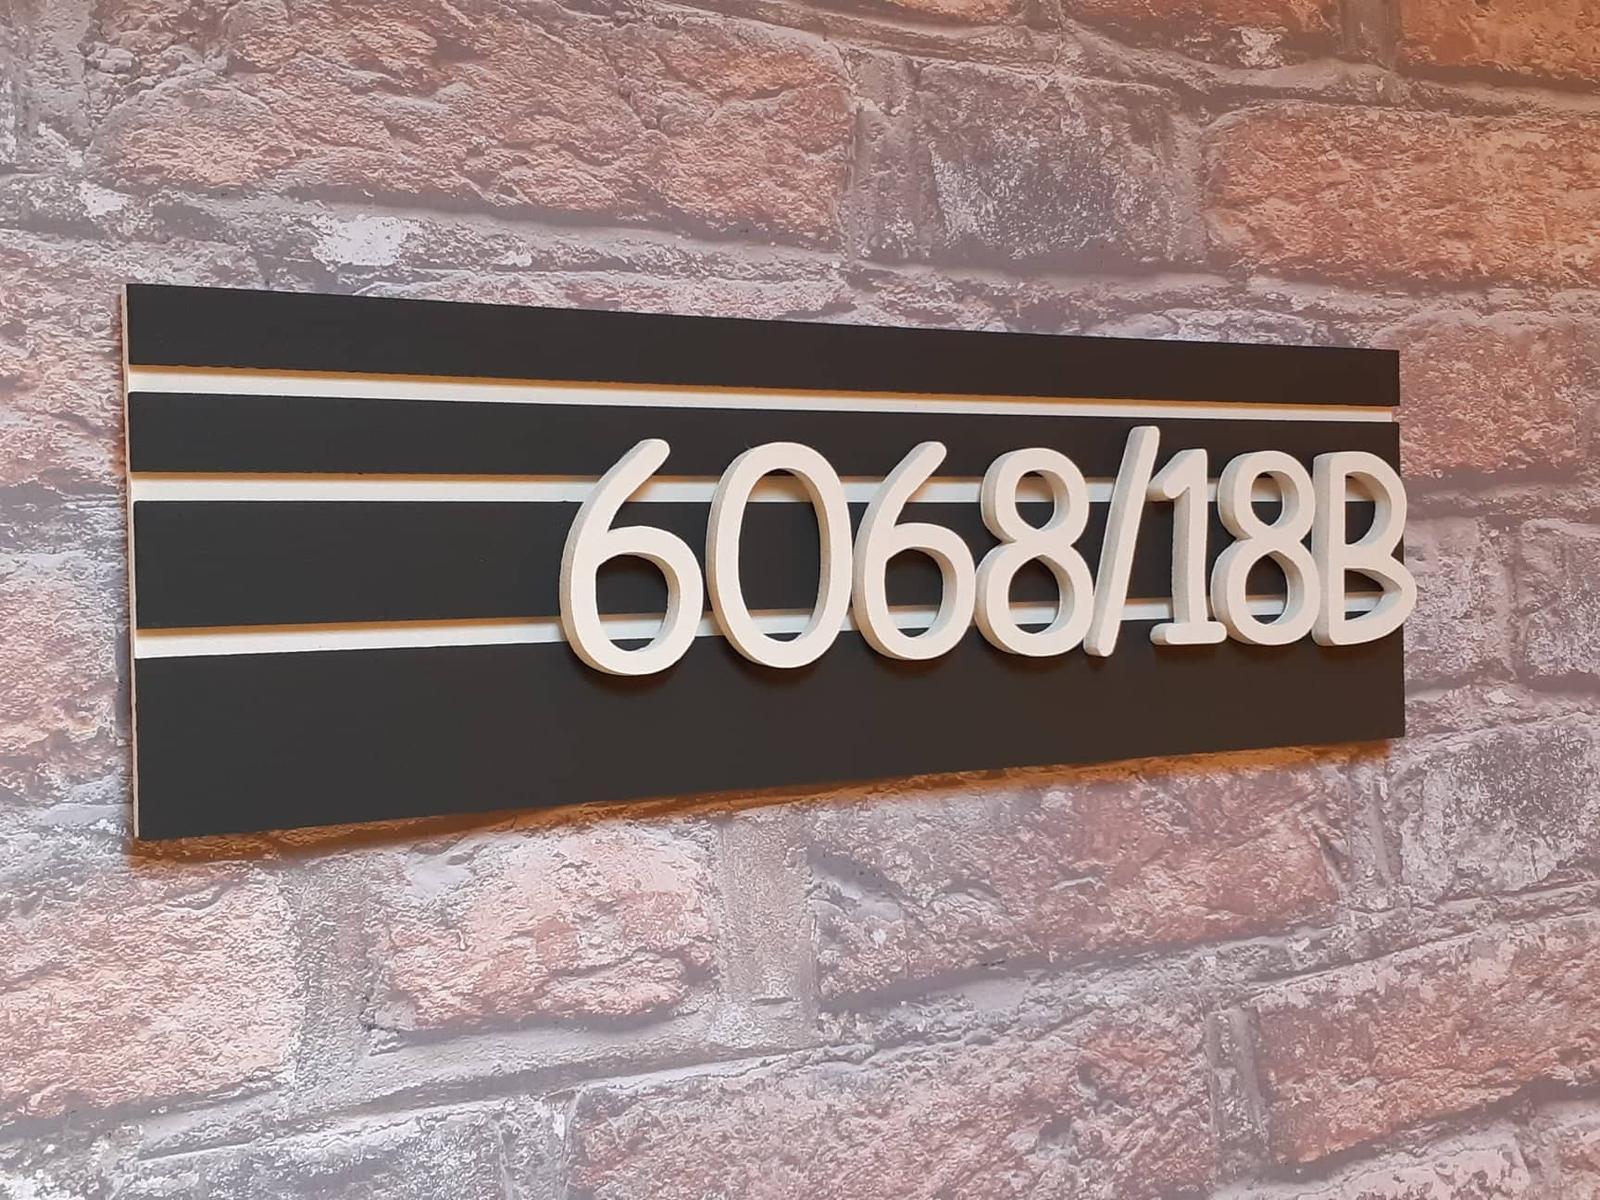 NOVINKA Súpisné číslo na tabuľke - Obrázok č. 4